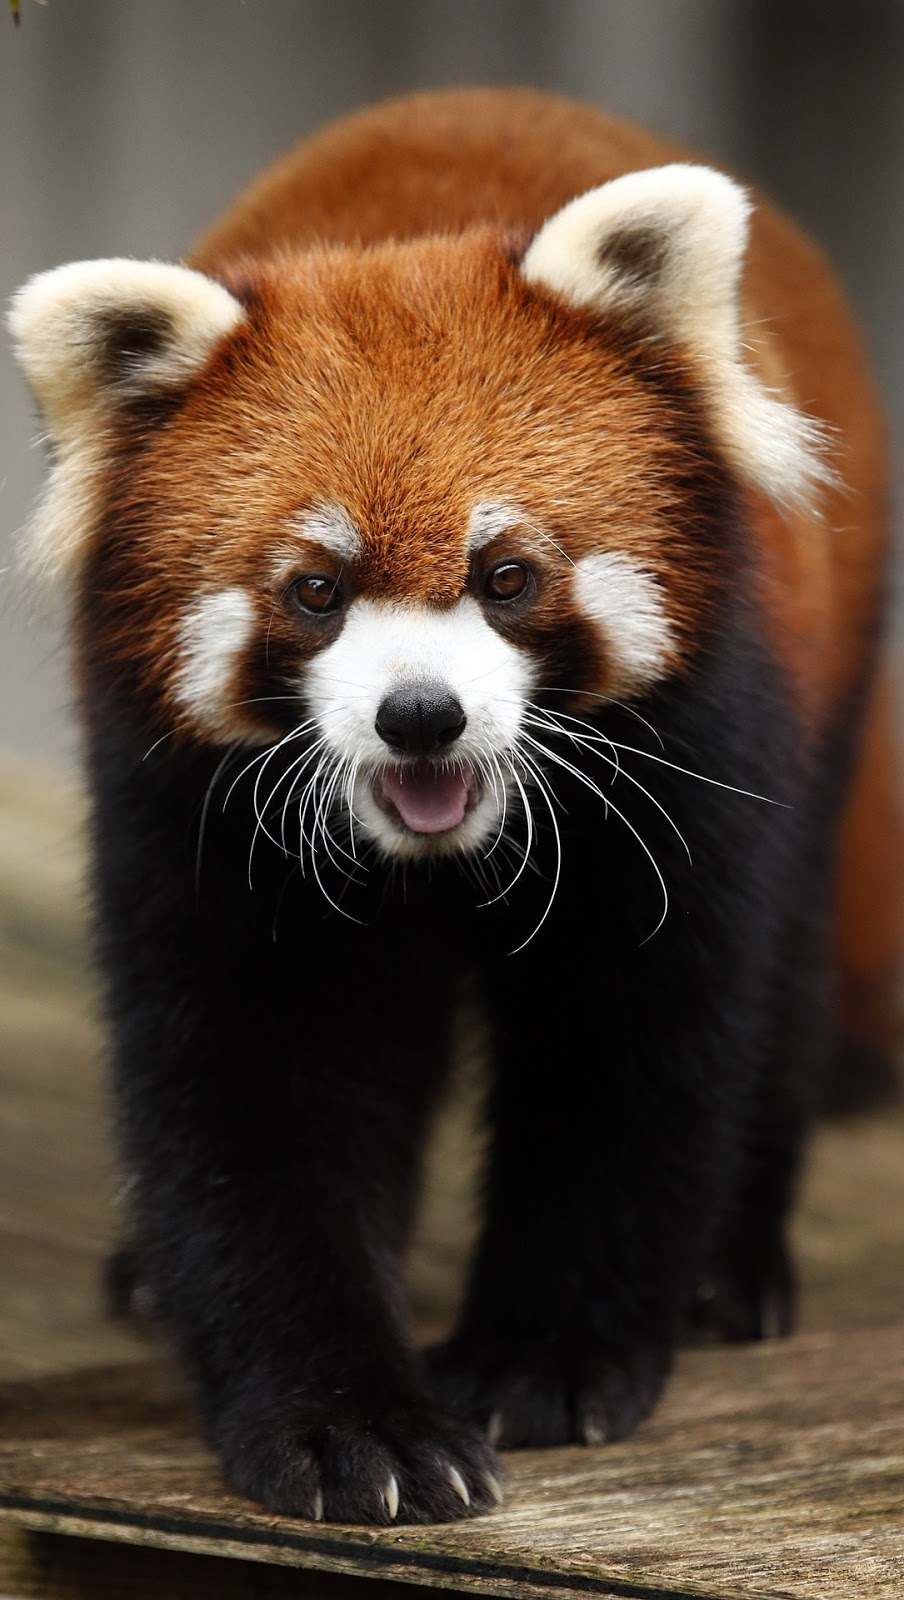 A cute red panda.